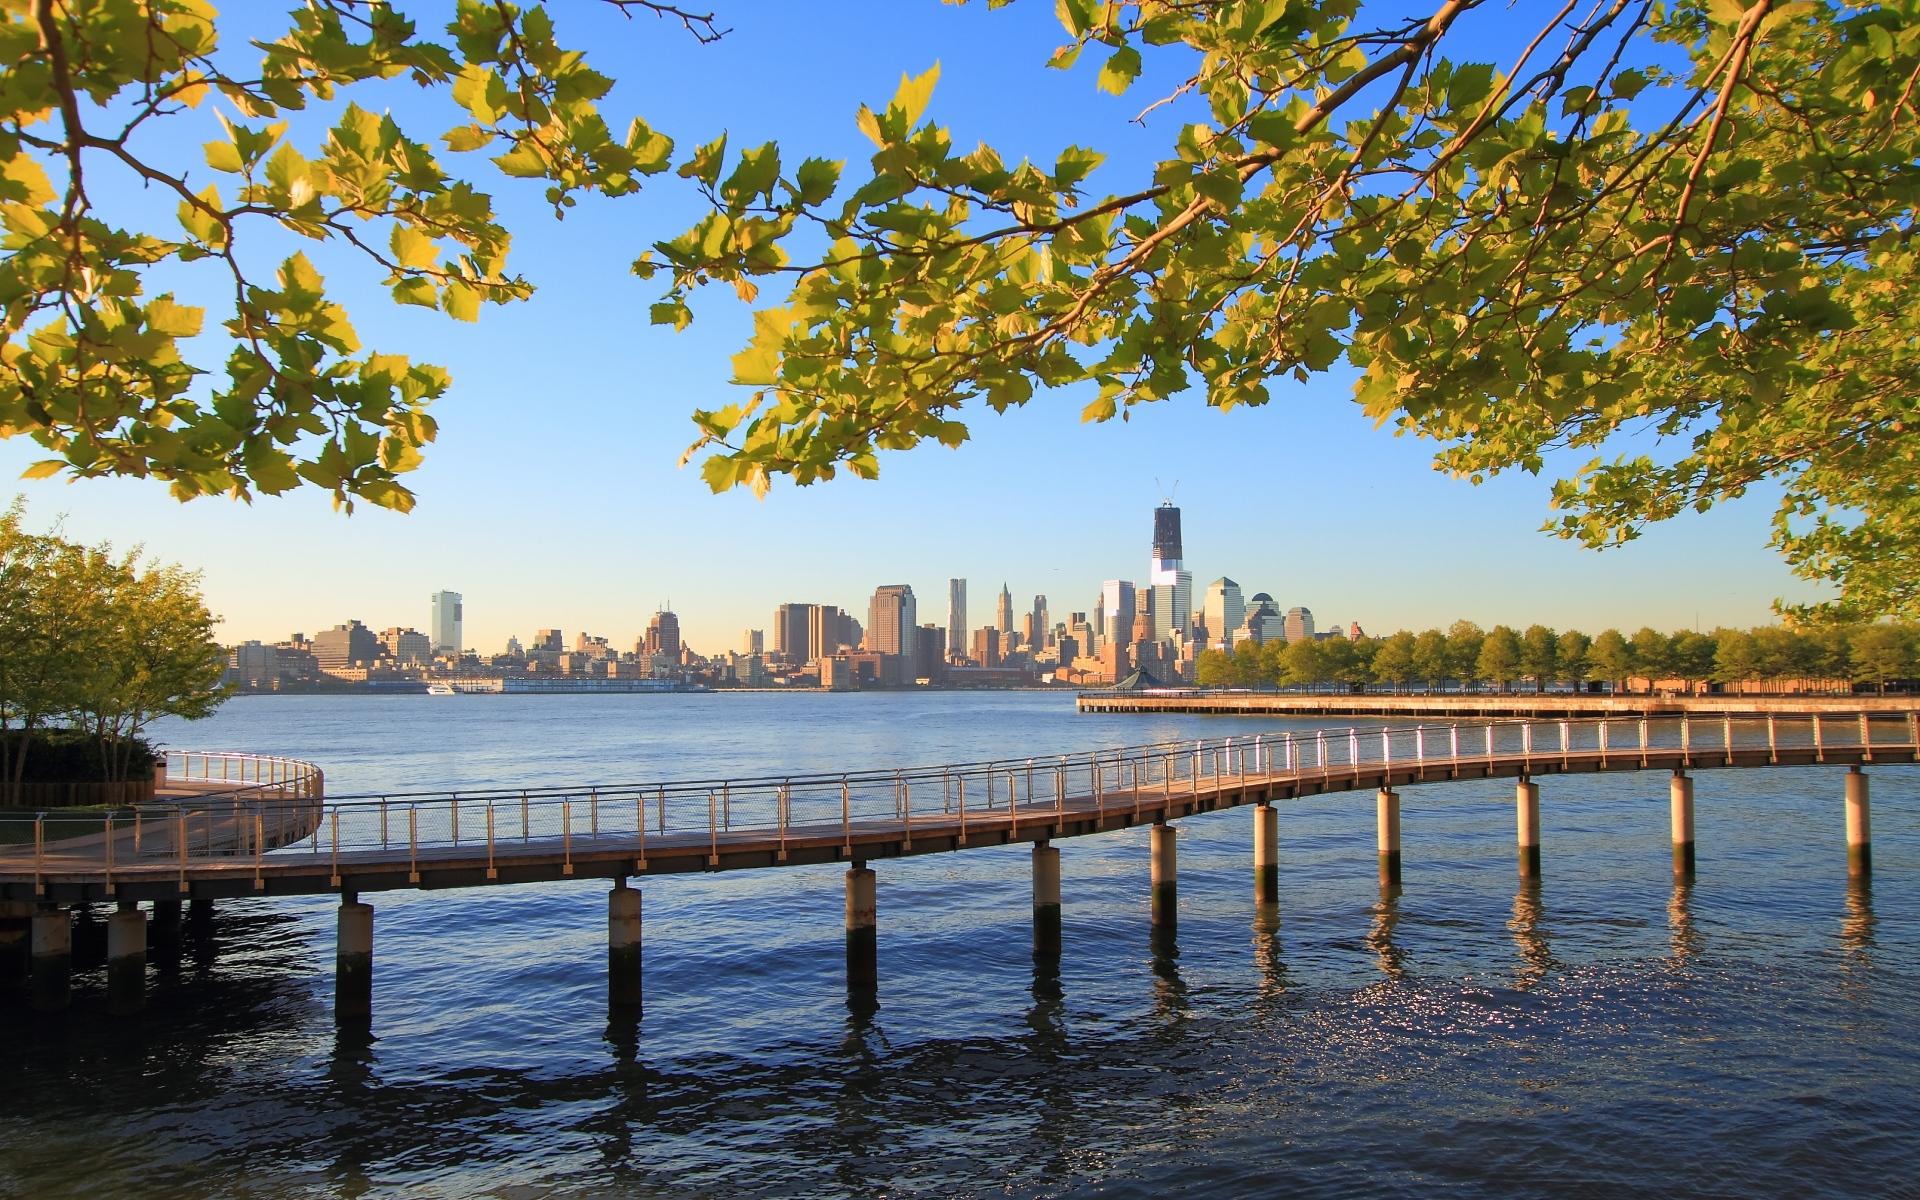 Картинки Нью-Йорк, город, вода, океан, природа, деревья, ветки, день, мост, река Хадсон, hoboken, новый трикотаж, Манхэттен, во-первых, центр мировой торговли, пристань фото и обои на рабочий стол